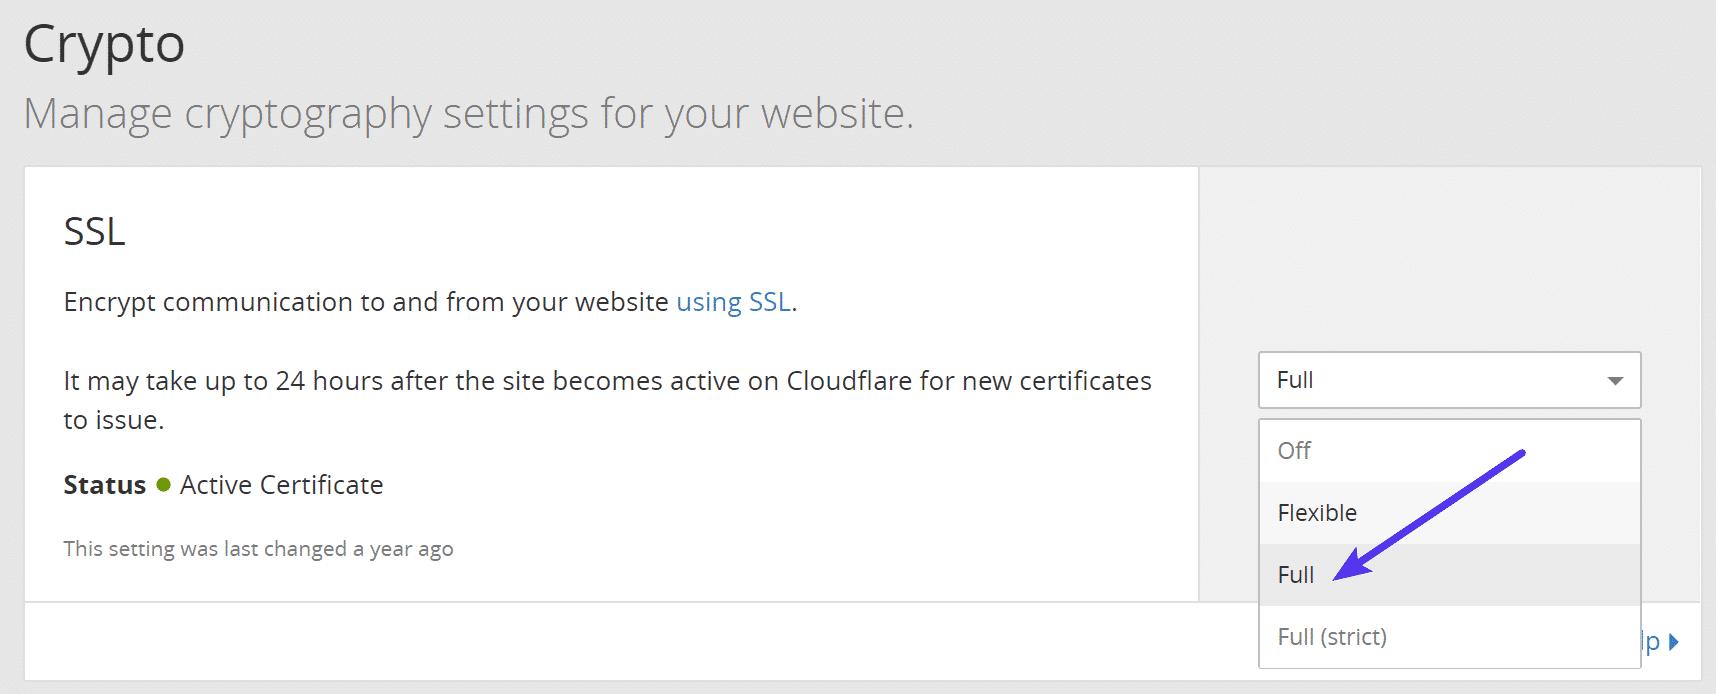 Establece el nivel de criptografía de Cloudflare al máximo